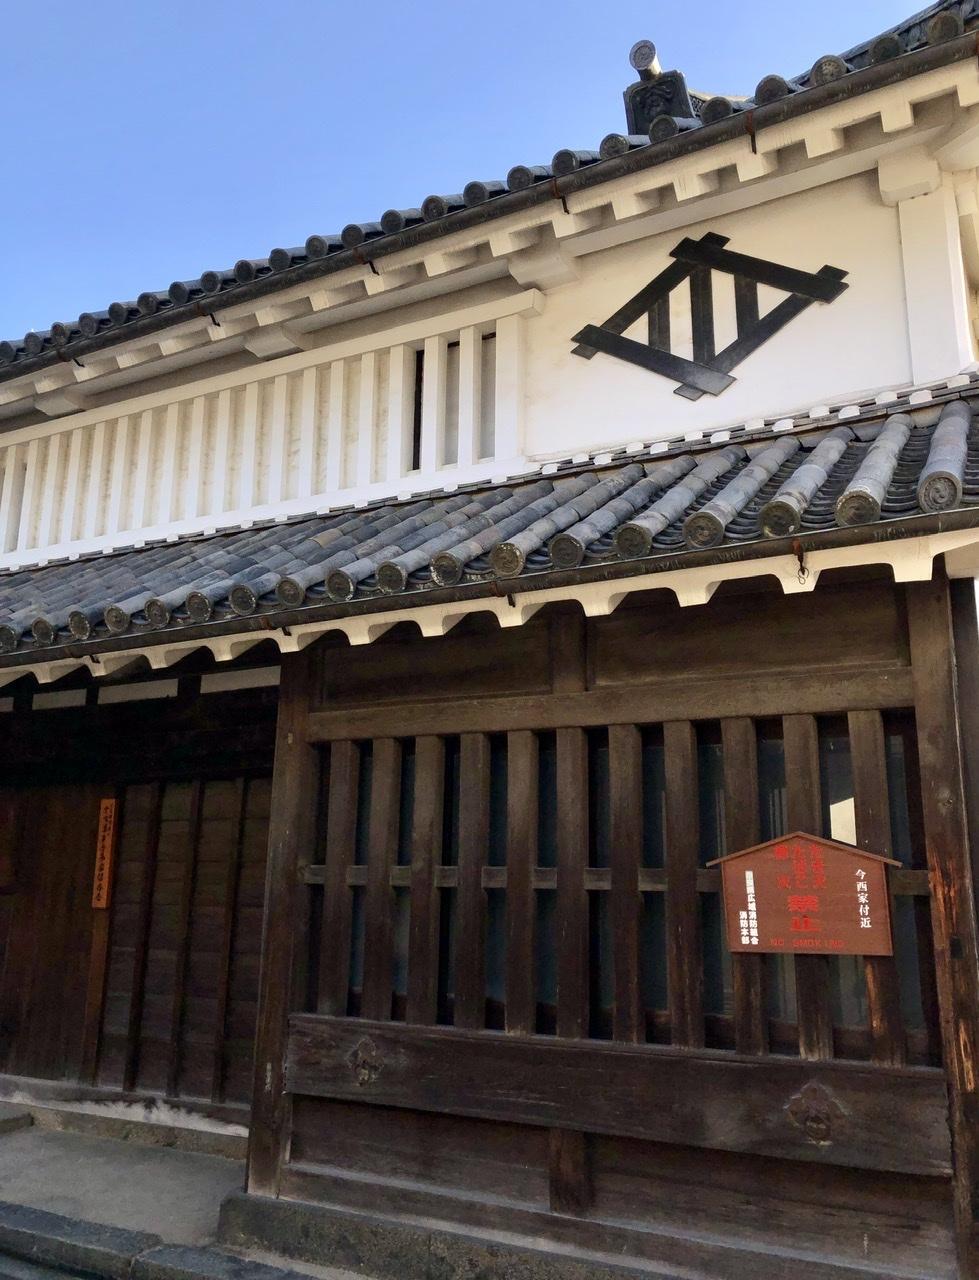 奈良の旅 13 江戸の街並みが美しい橿原市今井町 その2_a0092659_11363968.jpeg